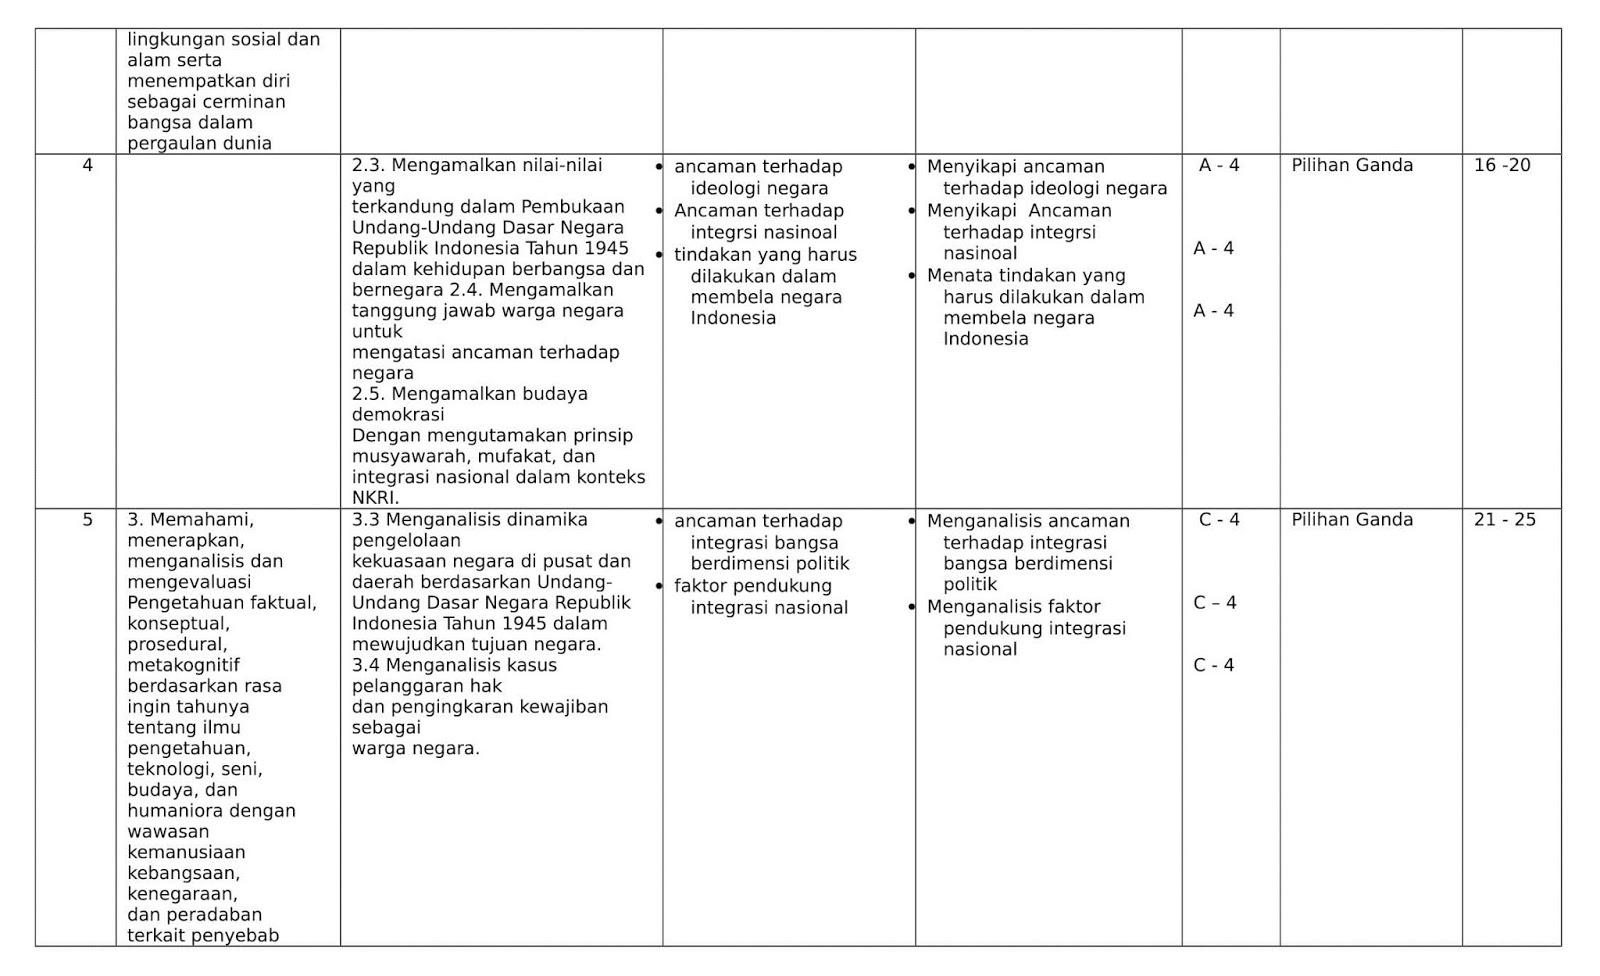 Soal Pkn Kelas 12 Semester 1 Kurikulum 2013 Ilmusosial Id